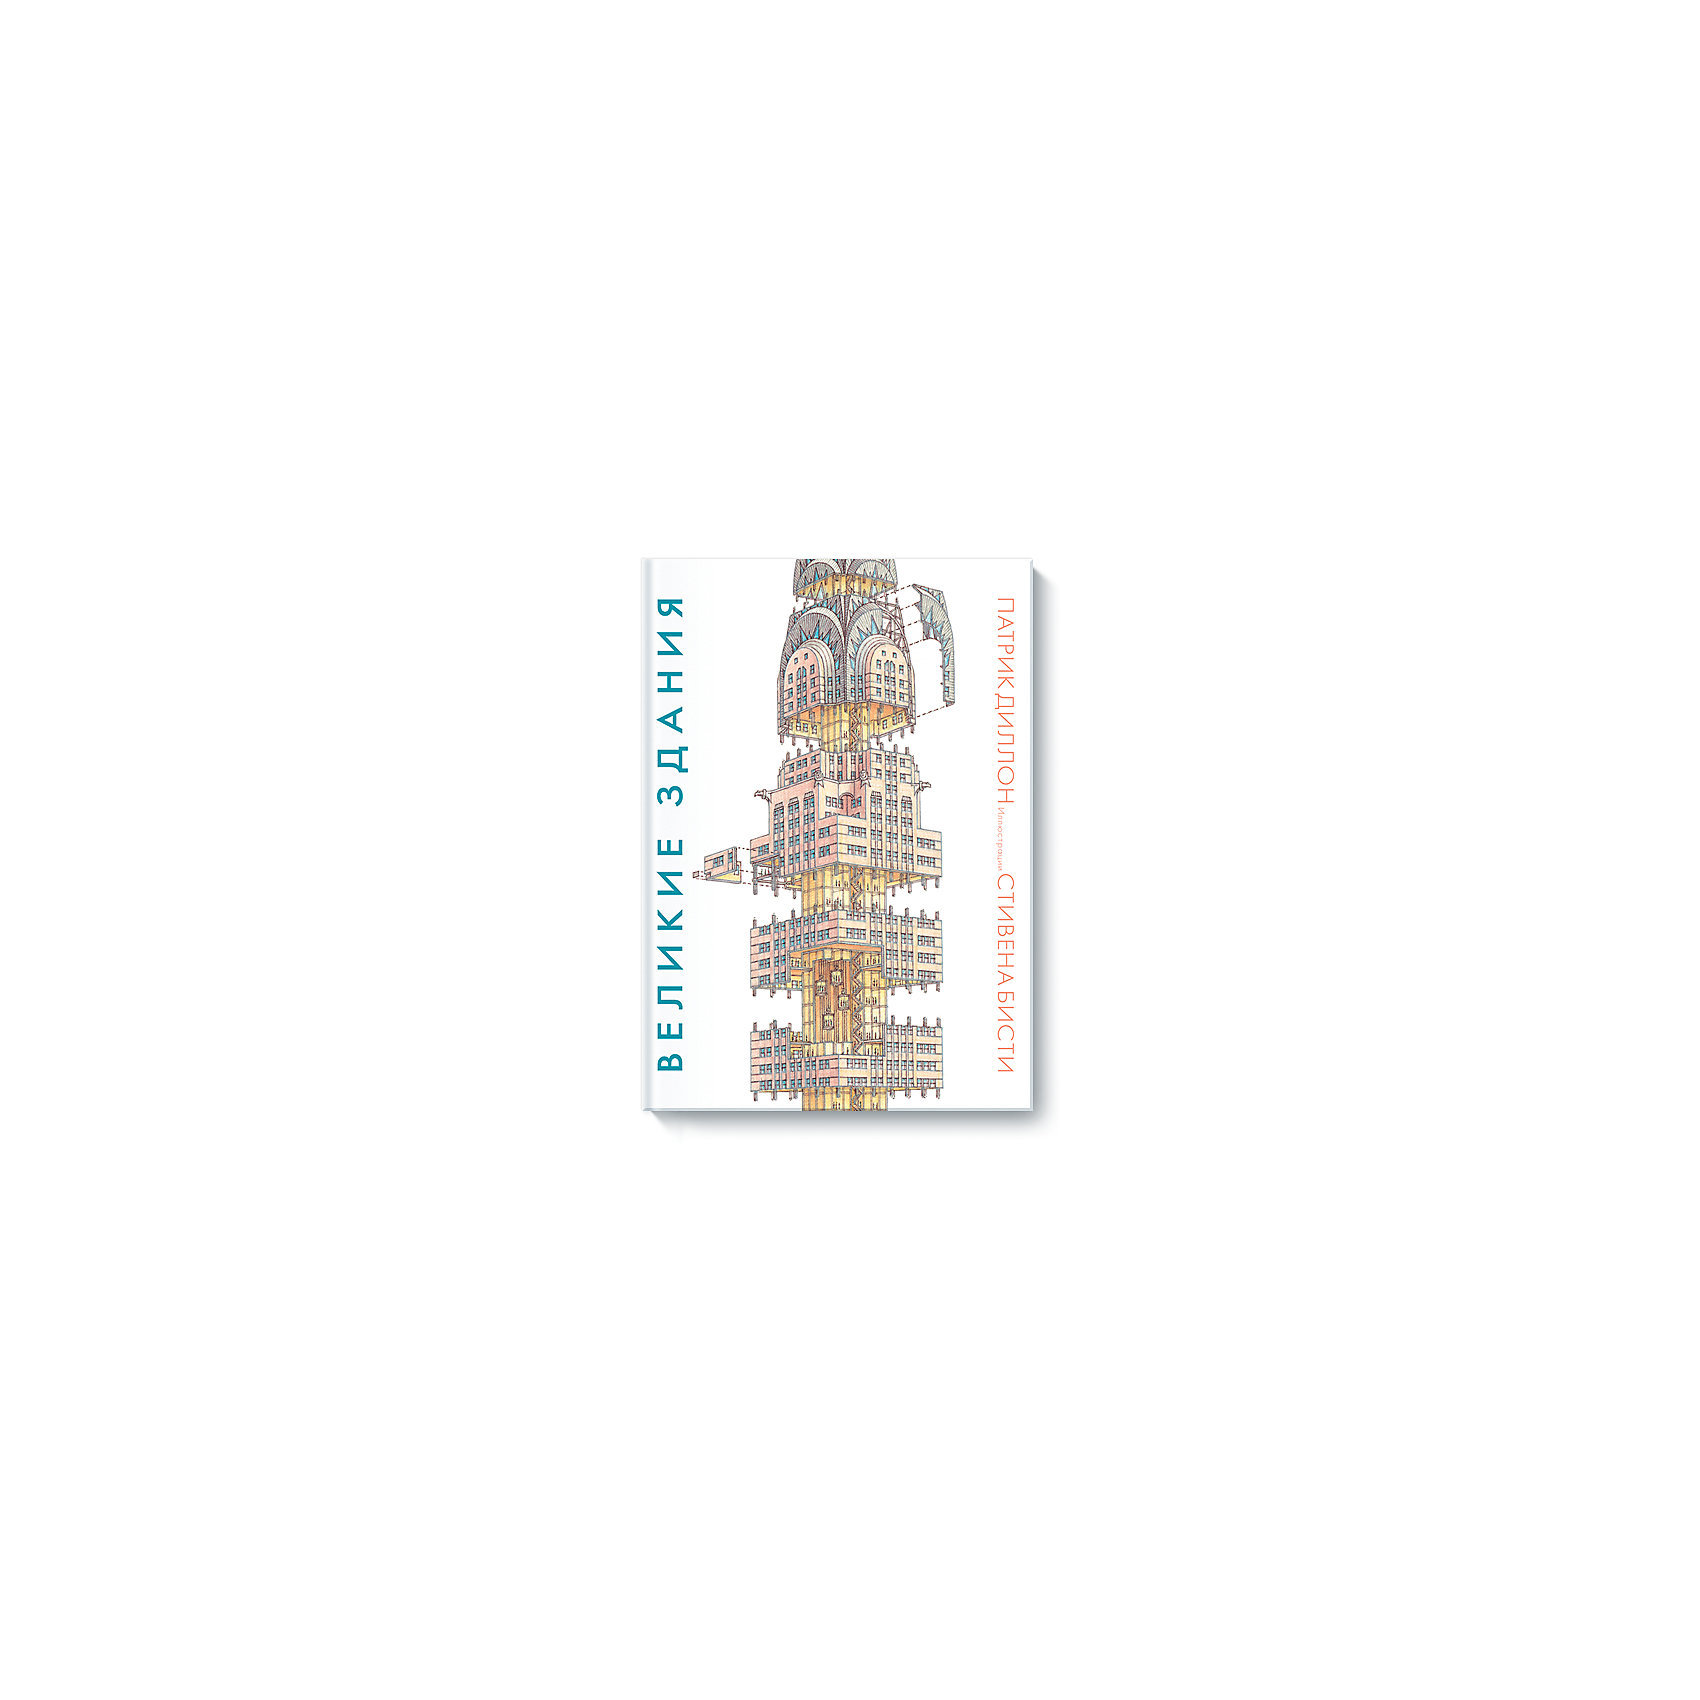 Великие здания: Мировая архитектура в разрезе: от египетских пирамид до Центра ПомпидуМанн, Иванов и Фербер<br>Подарочная книга с прекрасными иллюстрациями Стивена Бисти знакомит школьников с секретами строительства и особенностями архитектурных стилей. На больших разворотах с клапанами можно детально рассмотреть самые выдающиеся здания мира.<br><br>Ширина мм: 273<br>Глубина мм: 312<br>Высота мм: 180<br>Вес г: 956<br>Возраст от месяцев: 144<br>Возраст до месяцев: 168<br>Пол: Унисекс<br>Возраст: Детский<br>SKU: 5535127